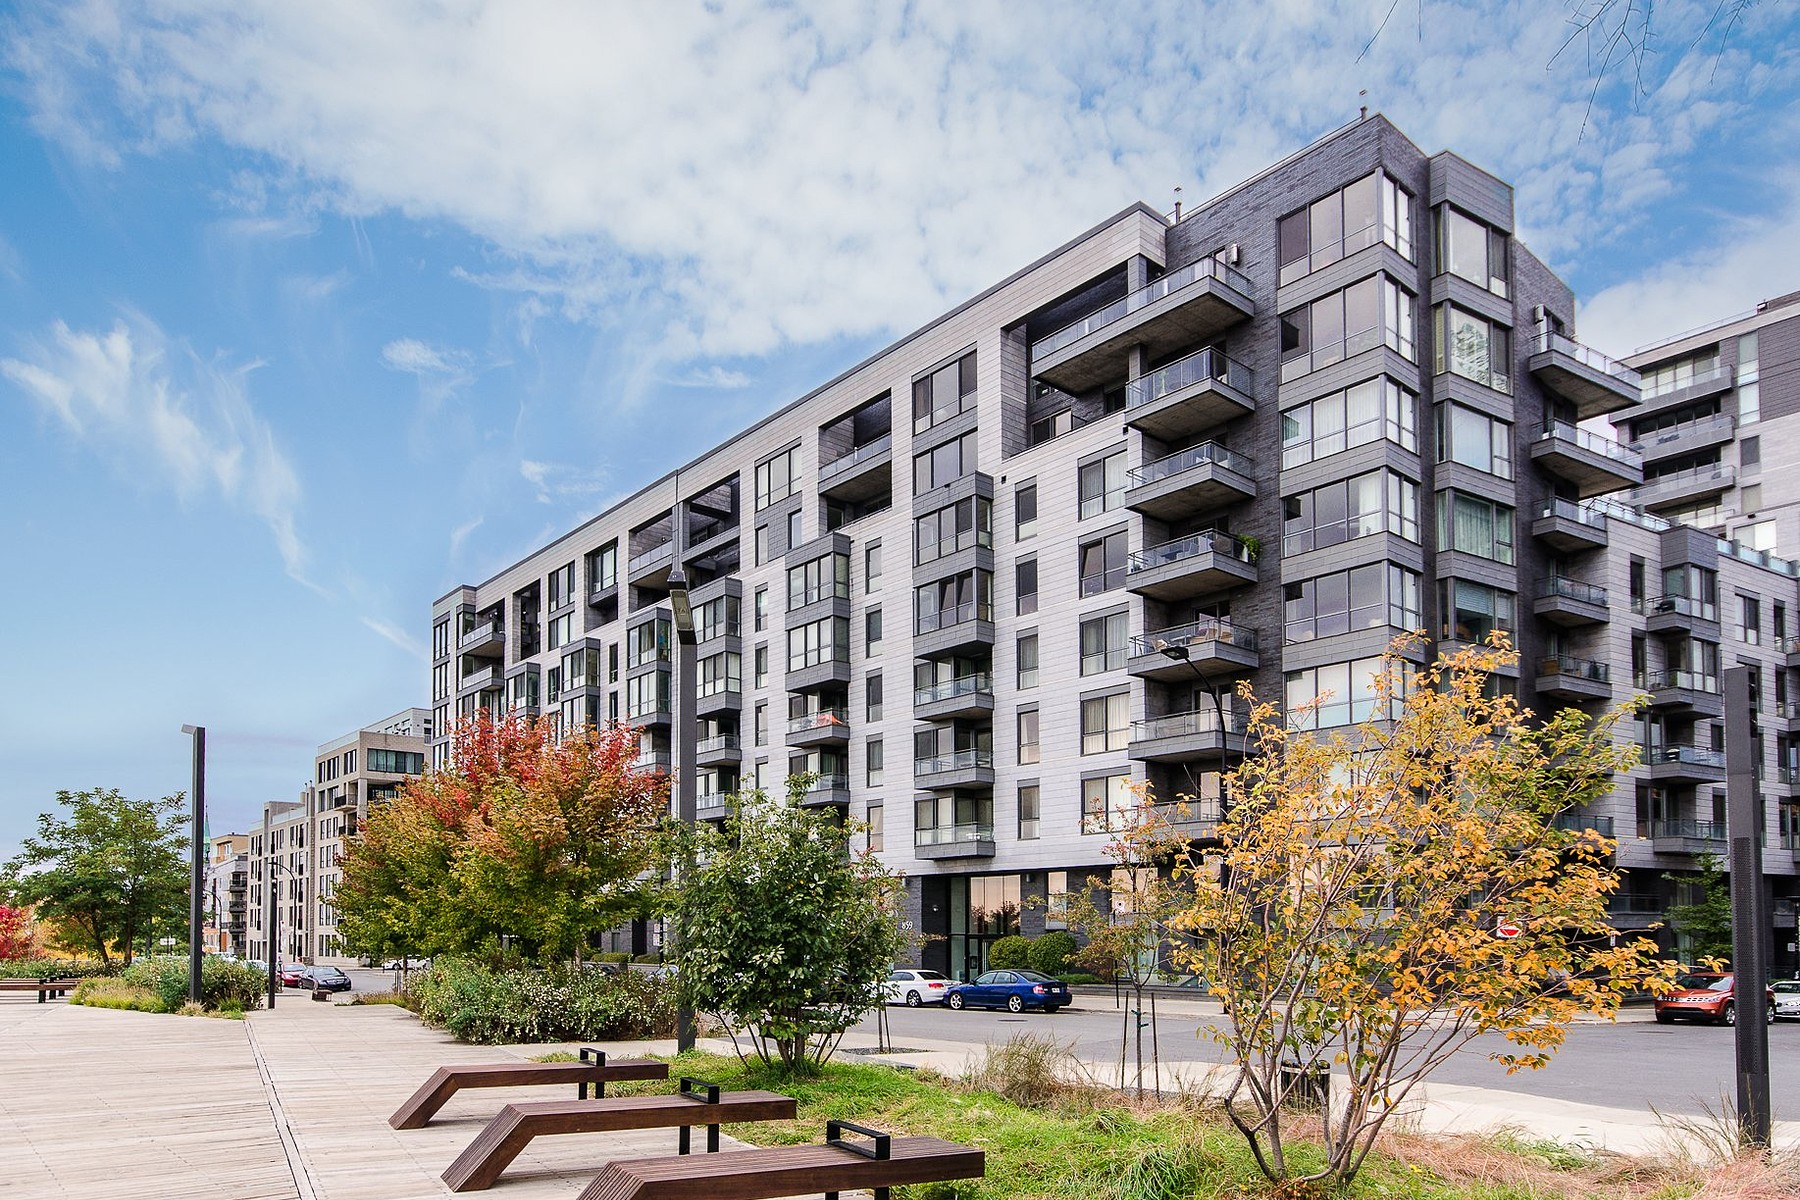 Кооперативная квартира для того Продажа на Ville-Marie (Montréal), Montréal 859 Rue de la Commune E., Apt. 802 Montreal, Квебек H2L0B9 Канада